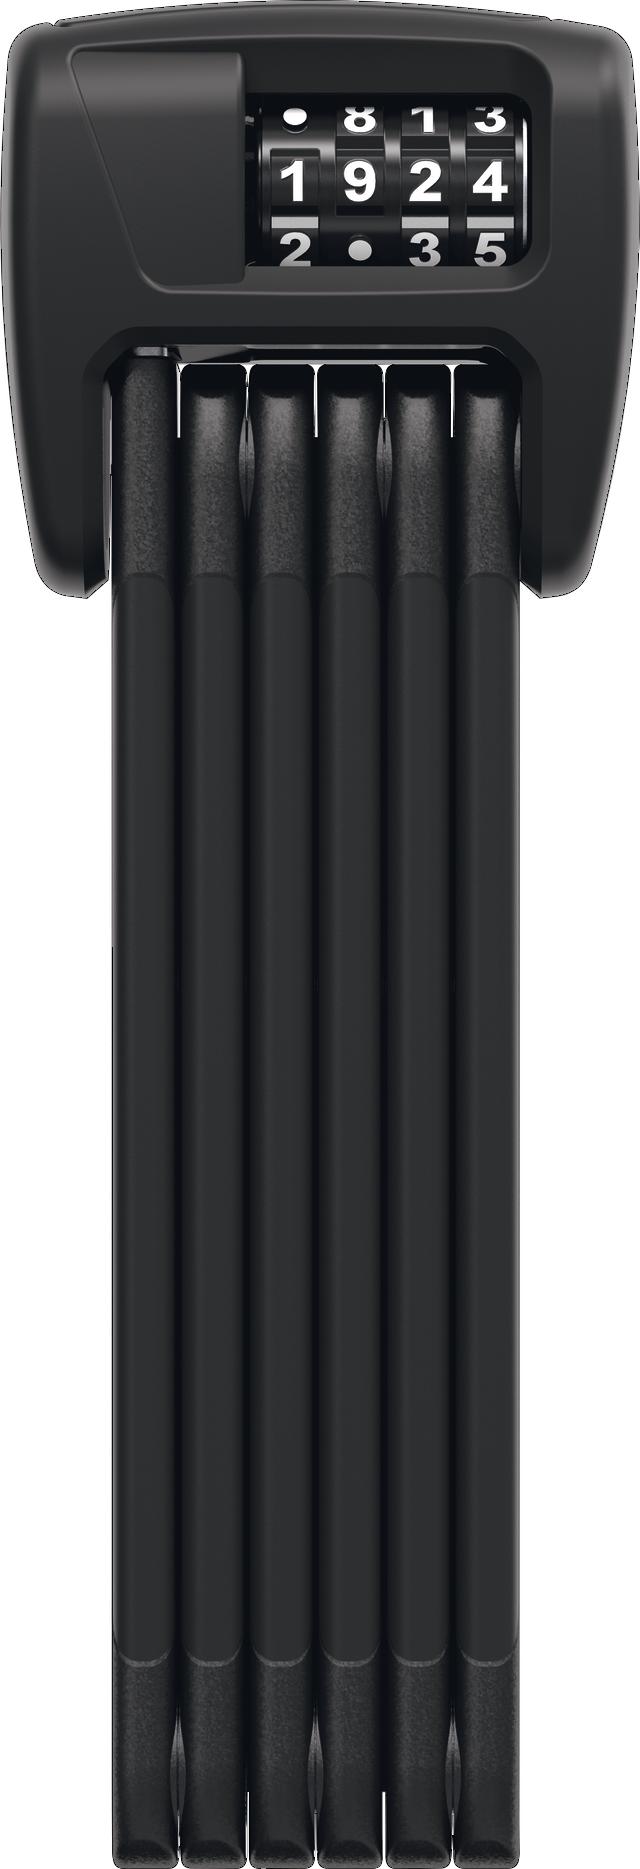 Faltschloss BORDO 6000C